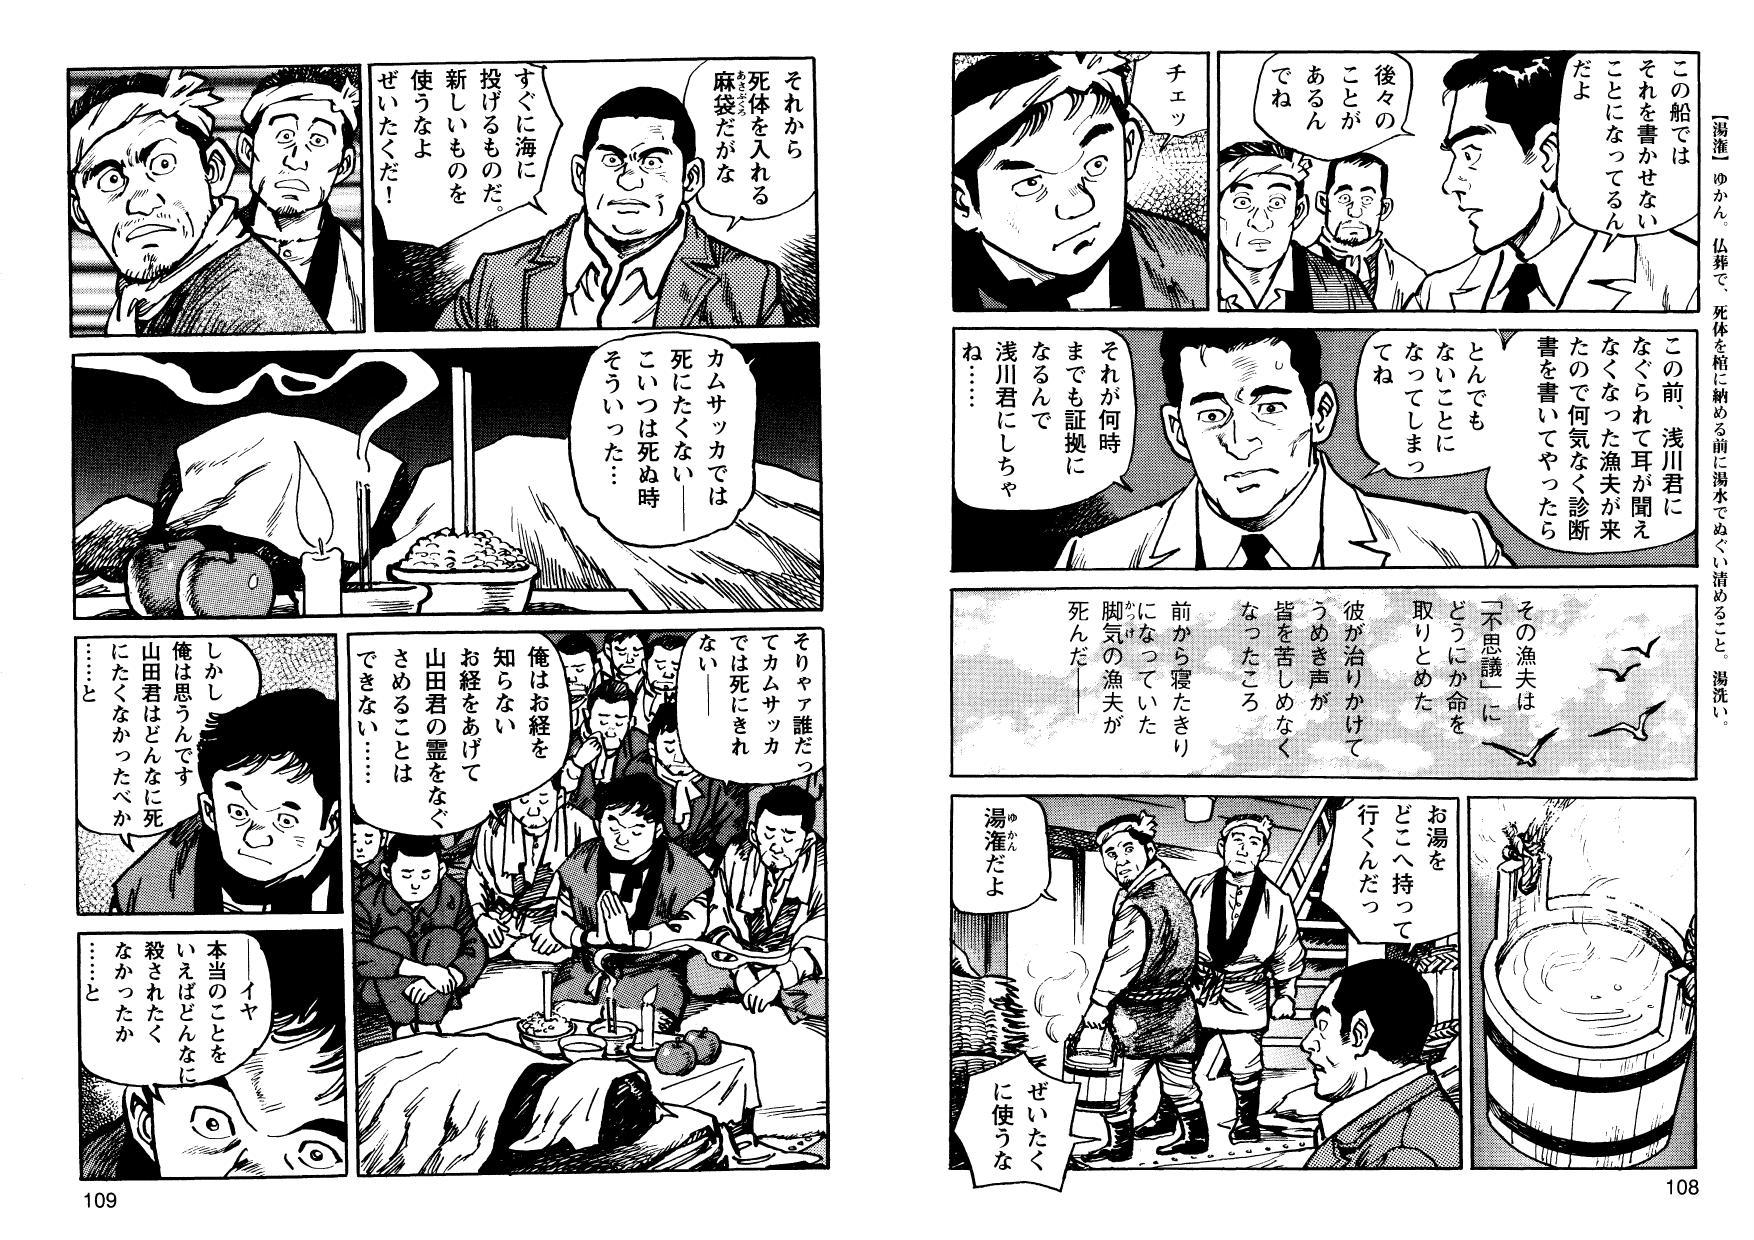 kani_cmc_000055.jpg